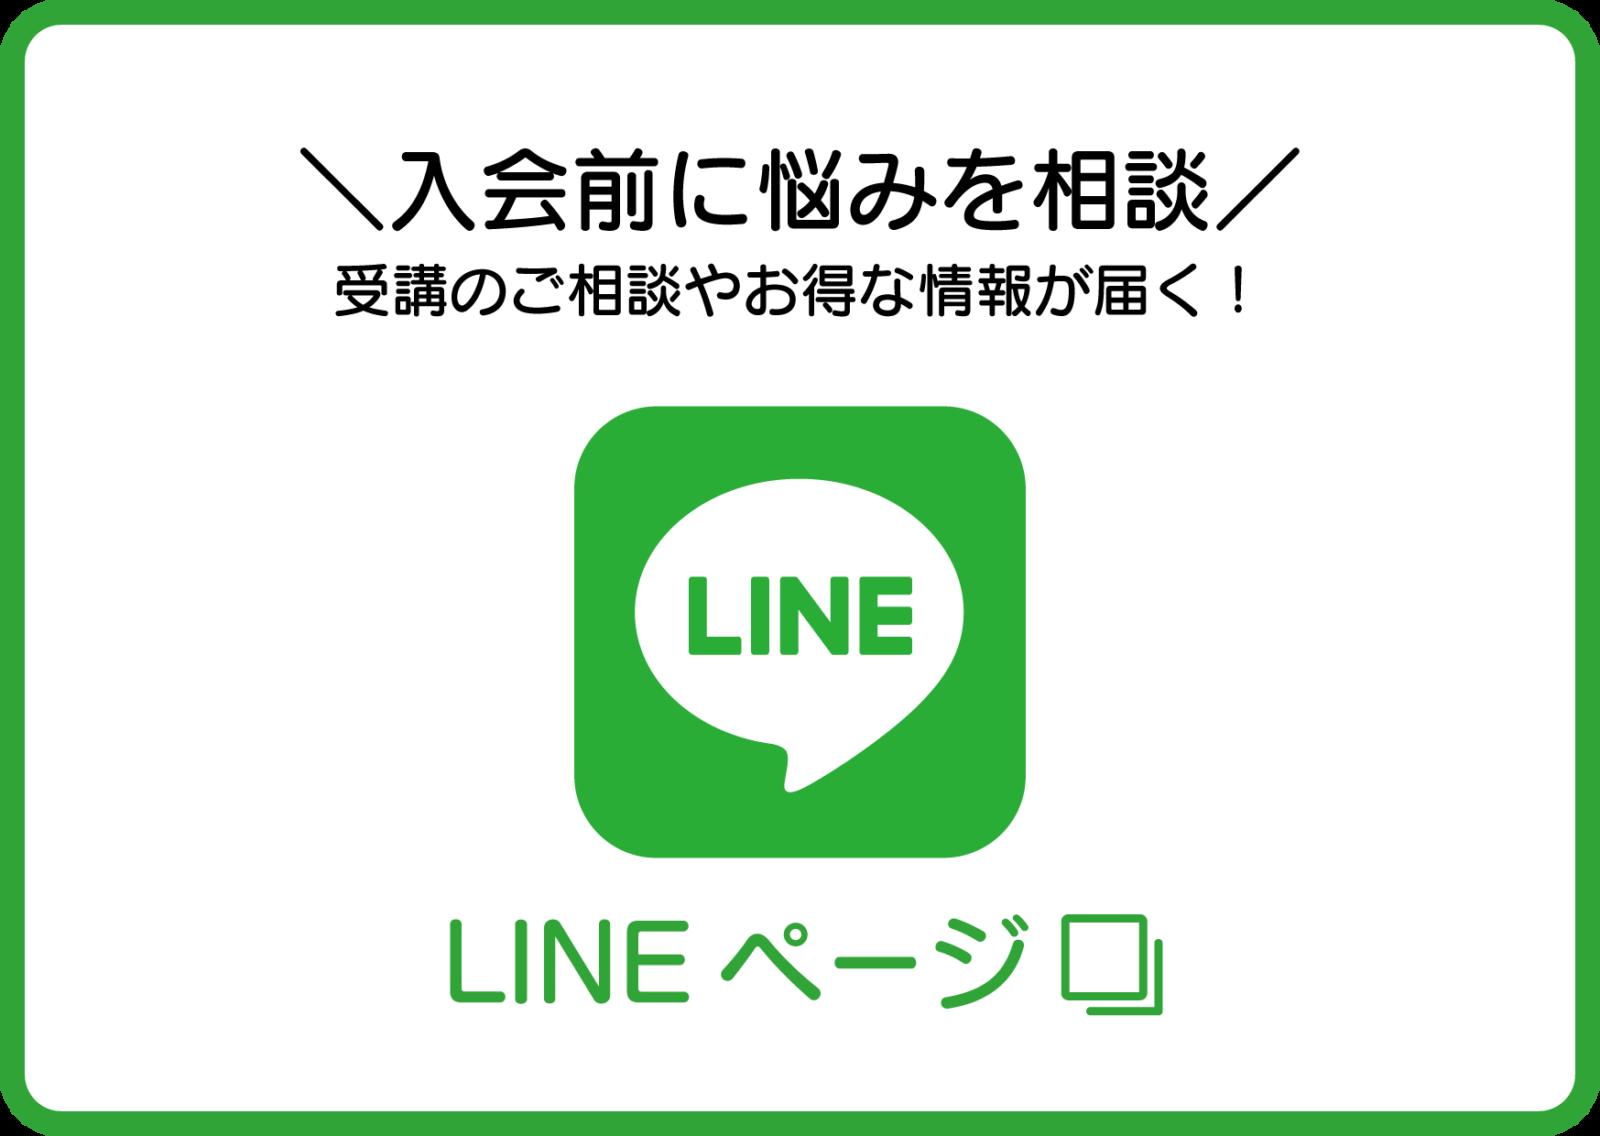 学習や受講のご相談!LINE